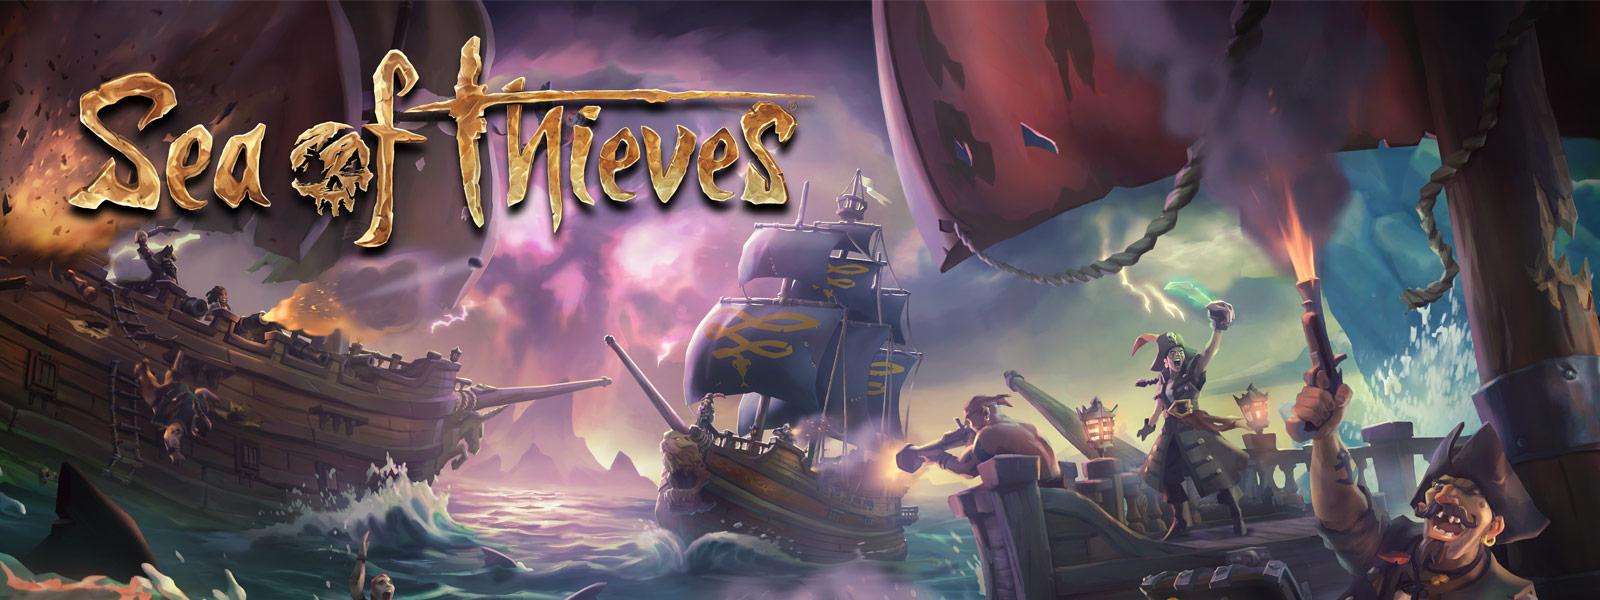 Sea of Thieves - Navios batalhando no oceano com um barco atacando outros navios